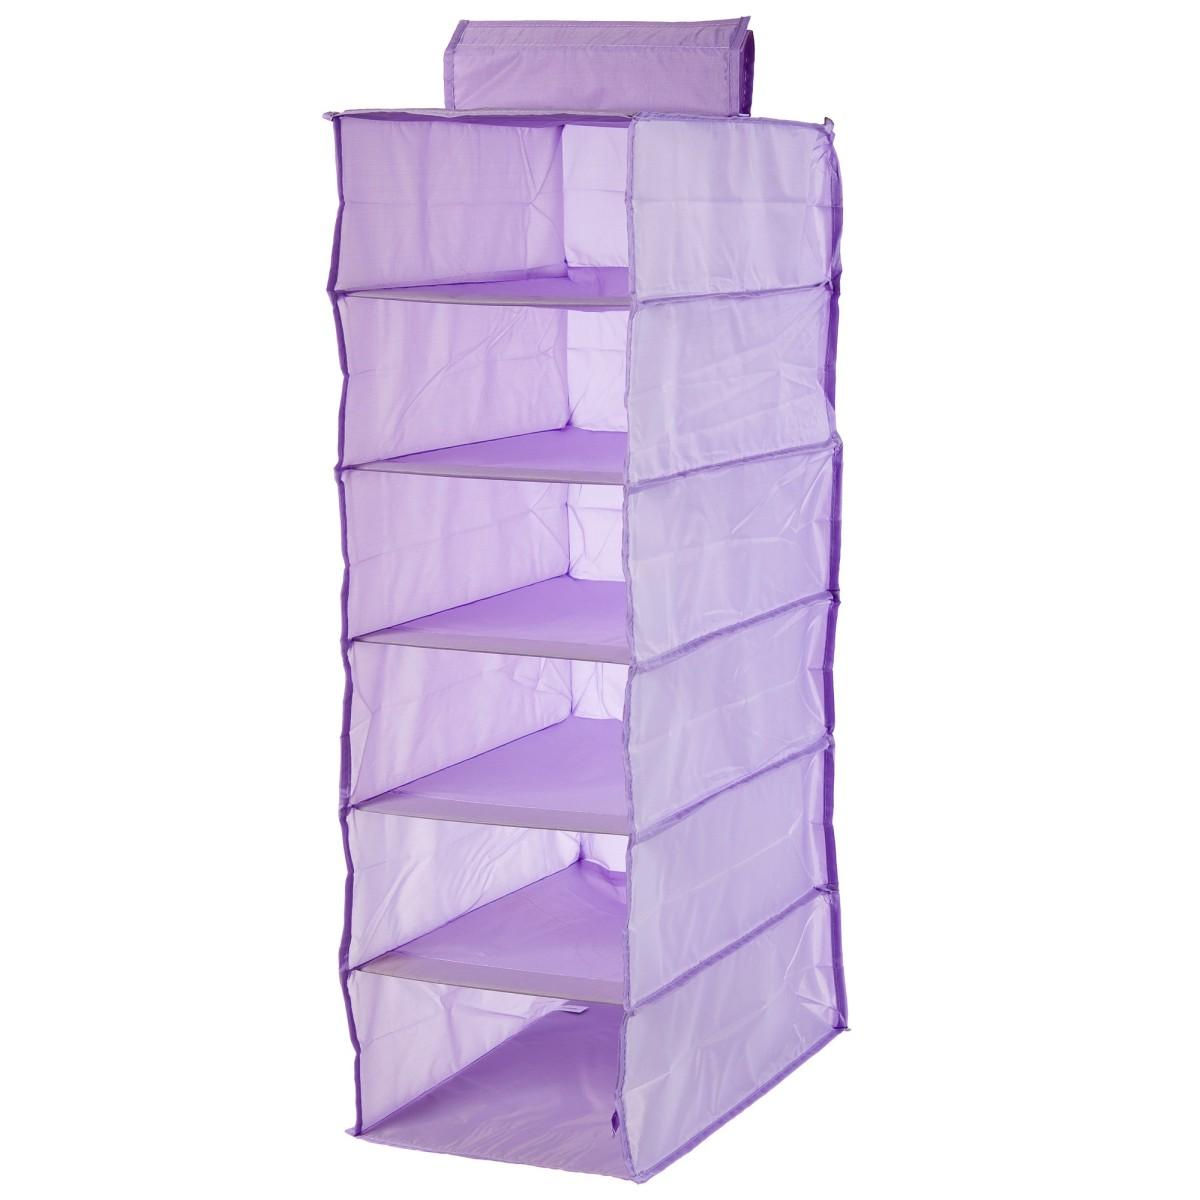 Органайзер Подвесной Spaceo 6 Полок 30Х40Х90 Цвет Фиолетовый